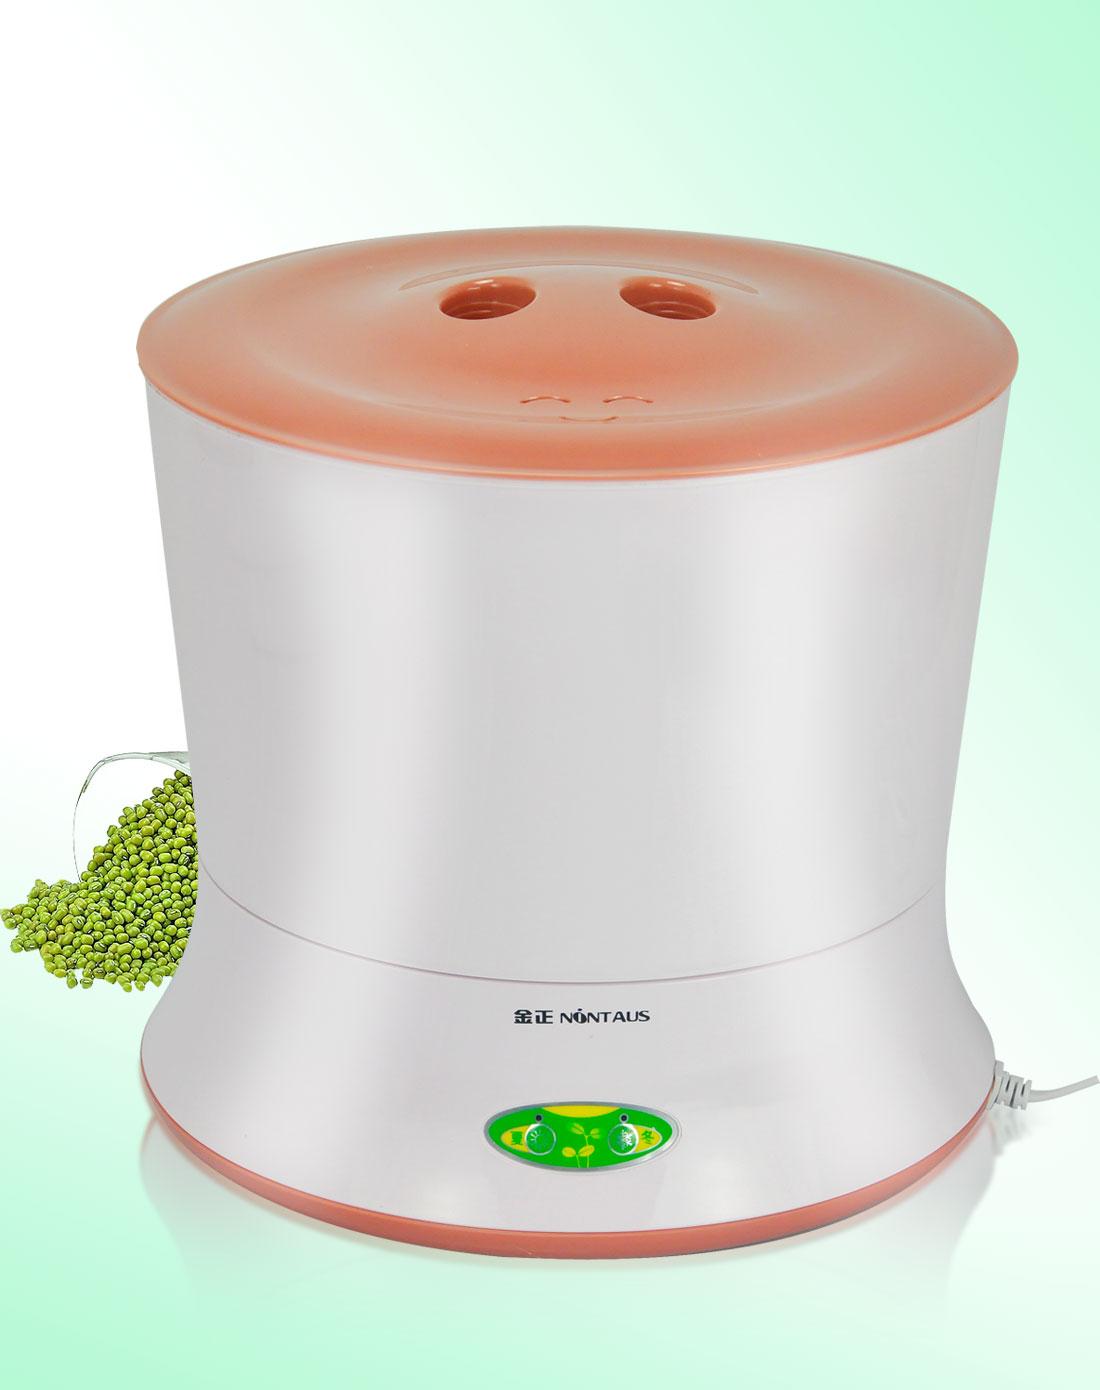 金正 家用智能豆芽机 蔬菜机 粉色